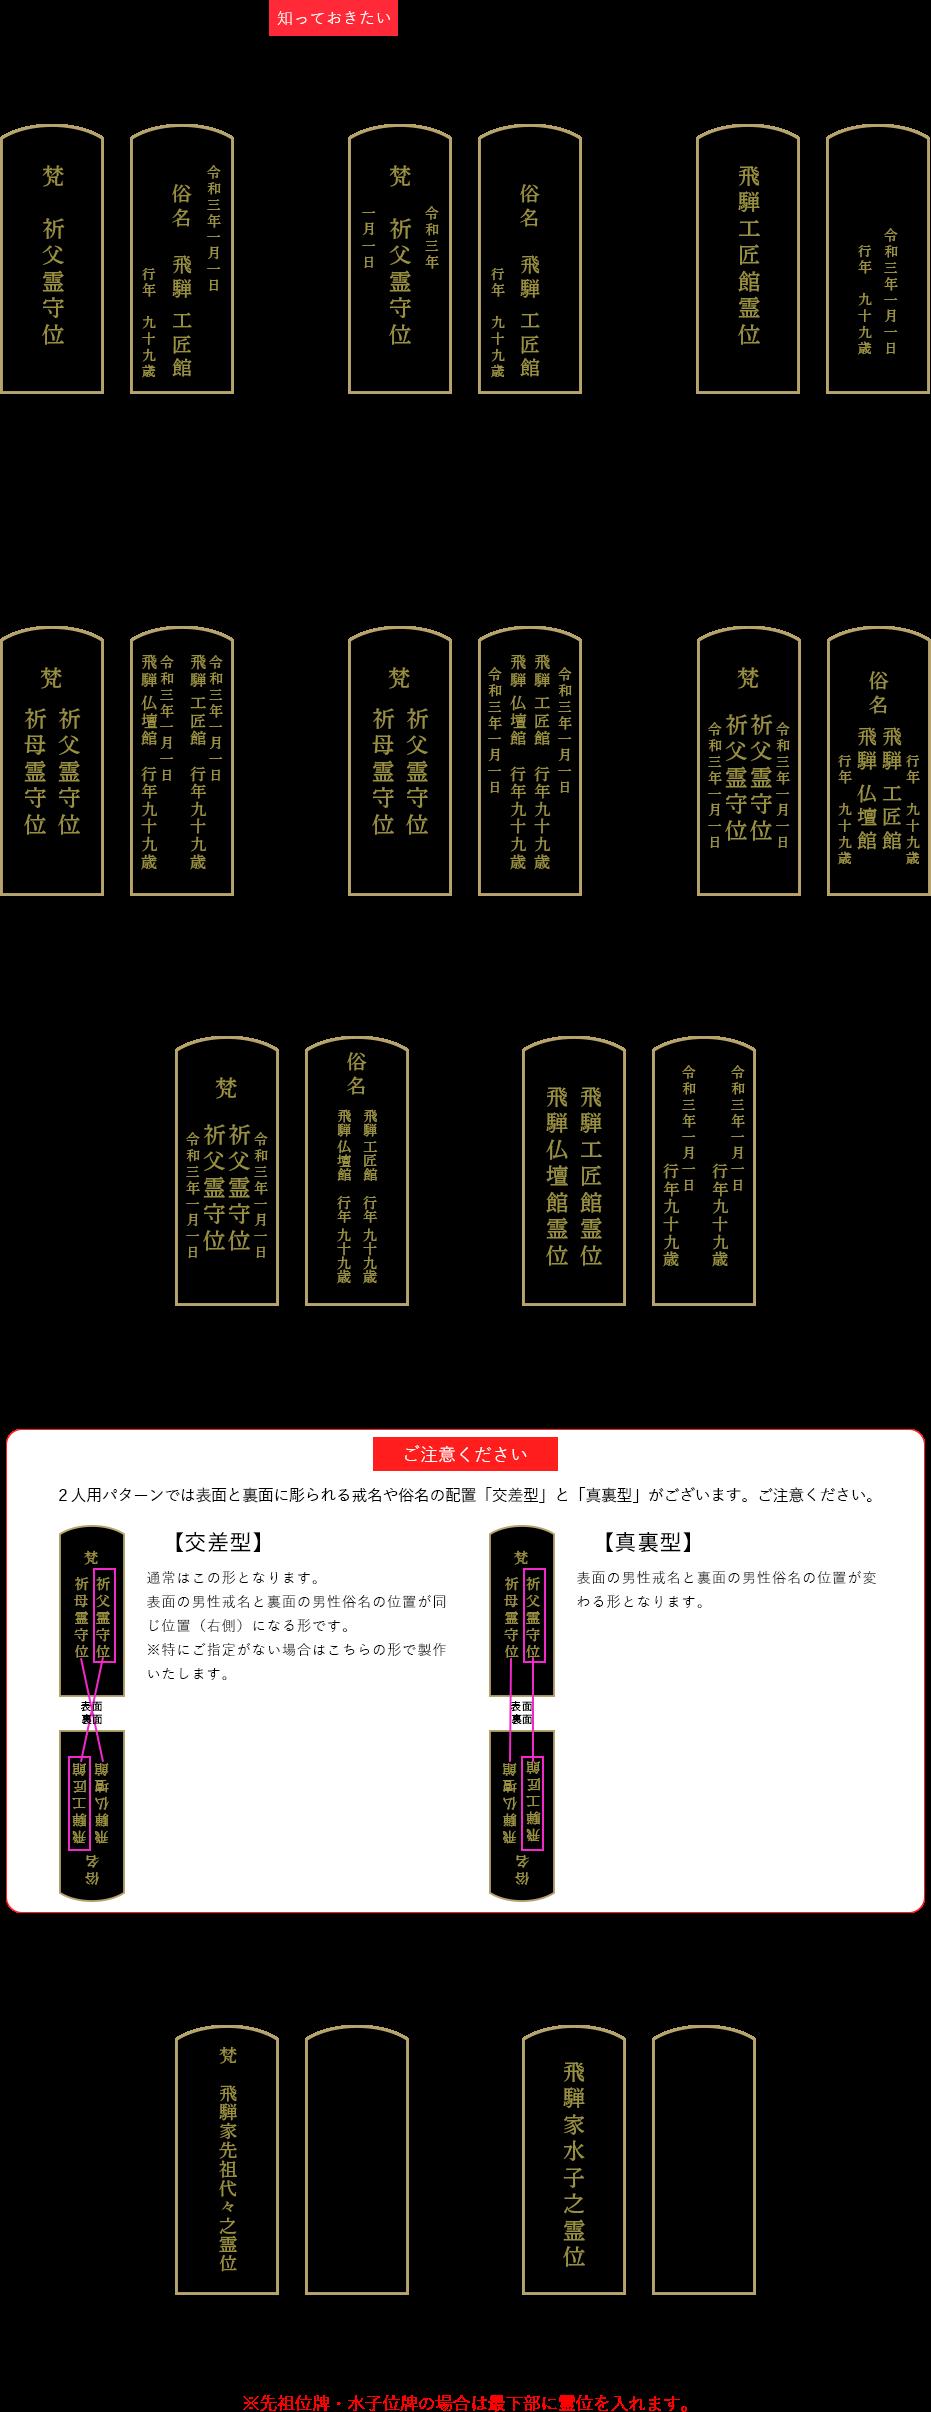 お位牌の各種パターンの説明